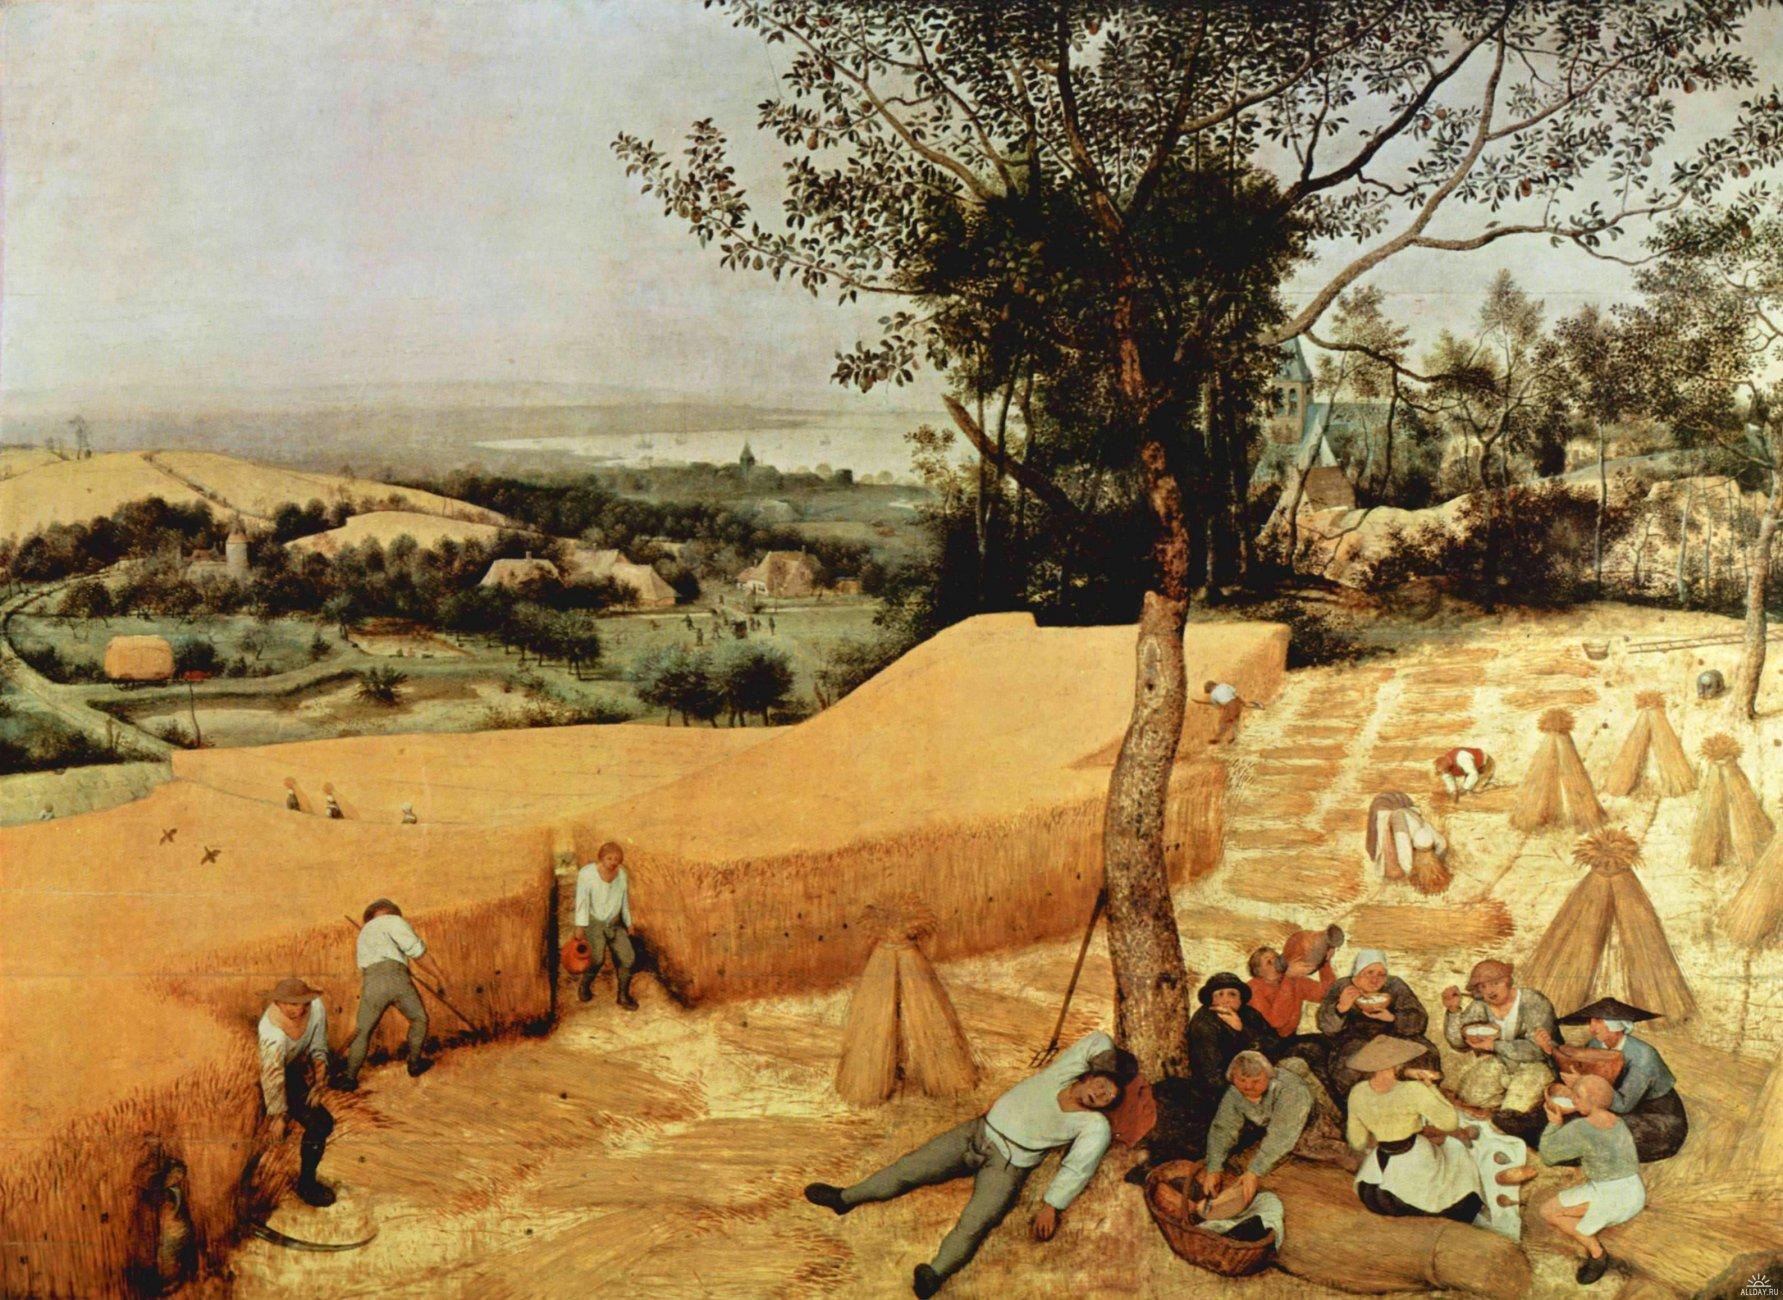 1225643949_uborka-zerna-1565-muzejj-metropoliten-nju-jjork1.jpg